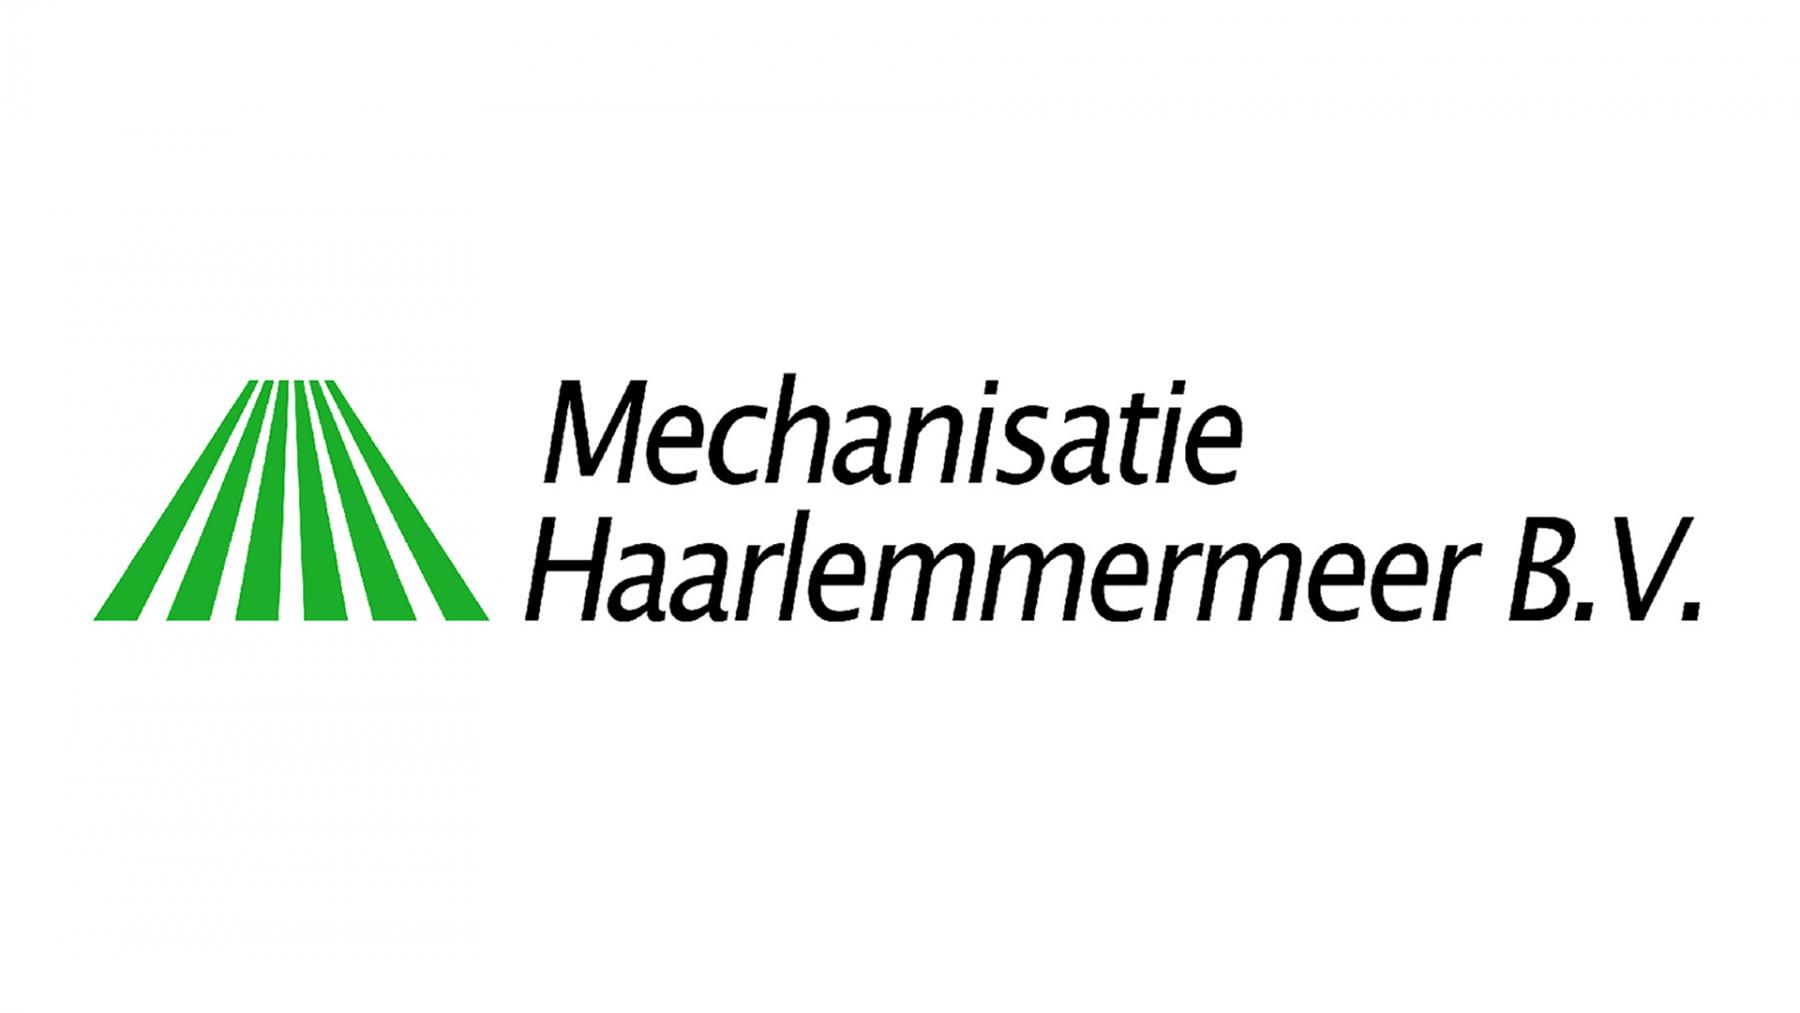 Mechanisatiehaarlemmermeer.fw_